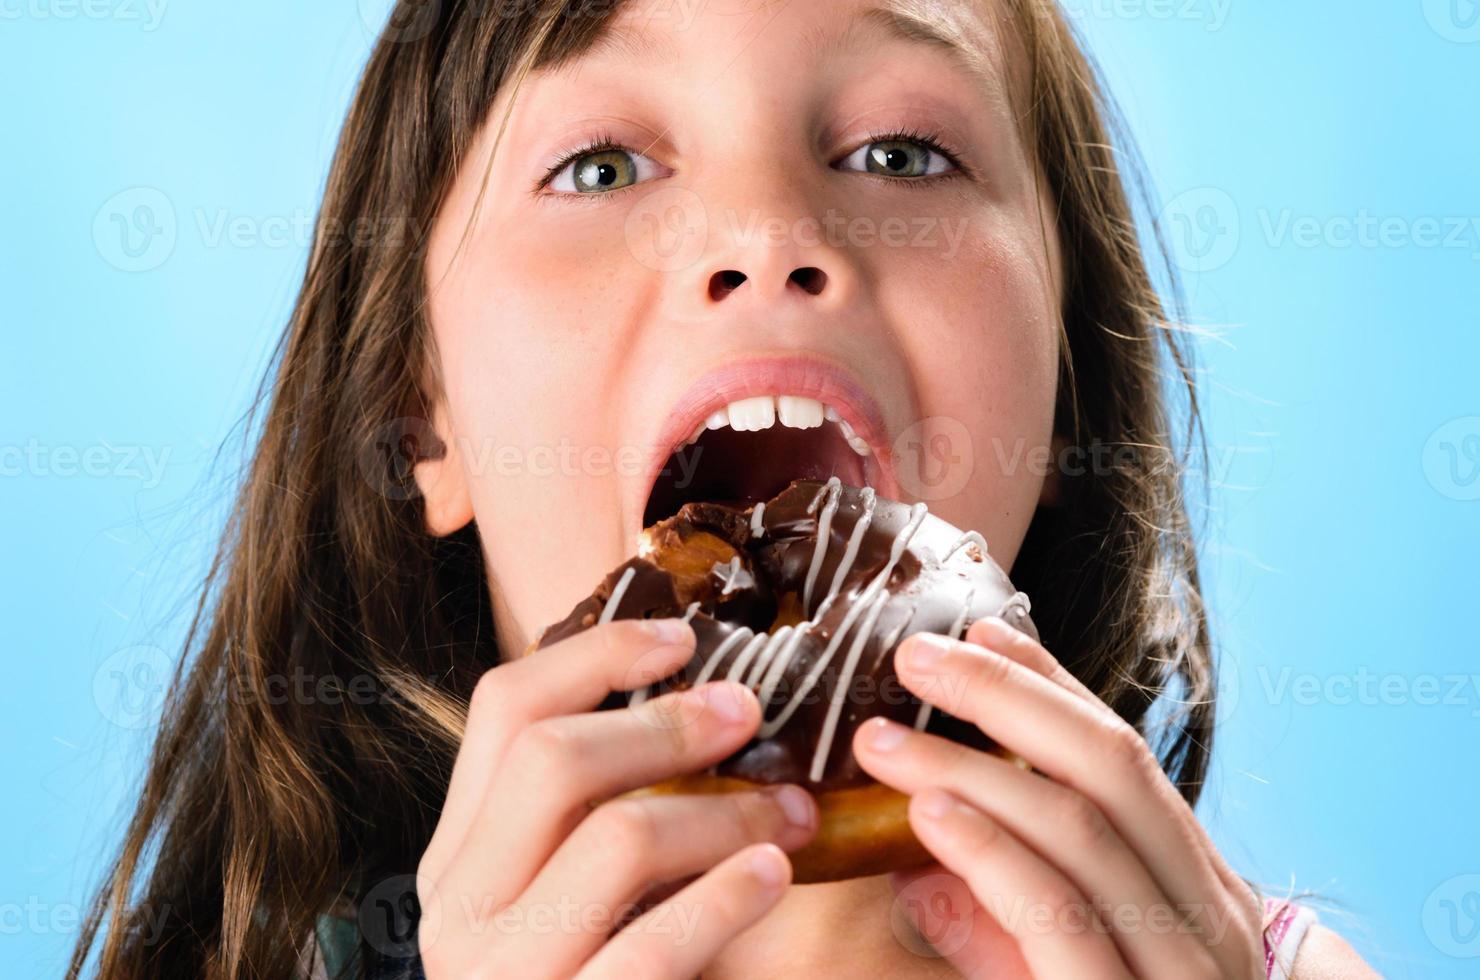 schattige jongen donut eten foto